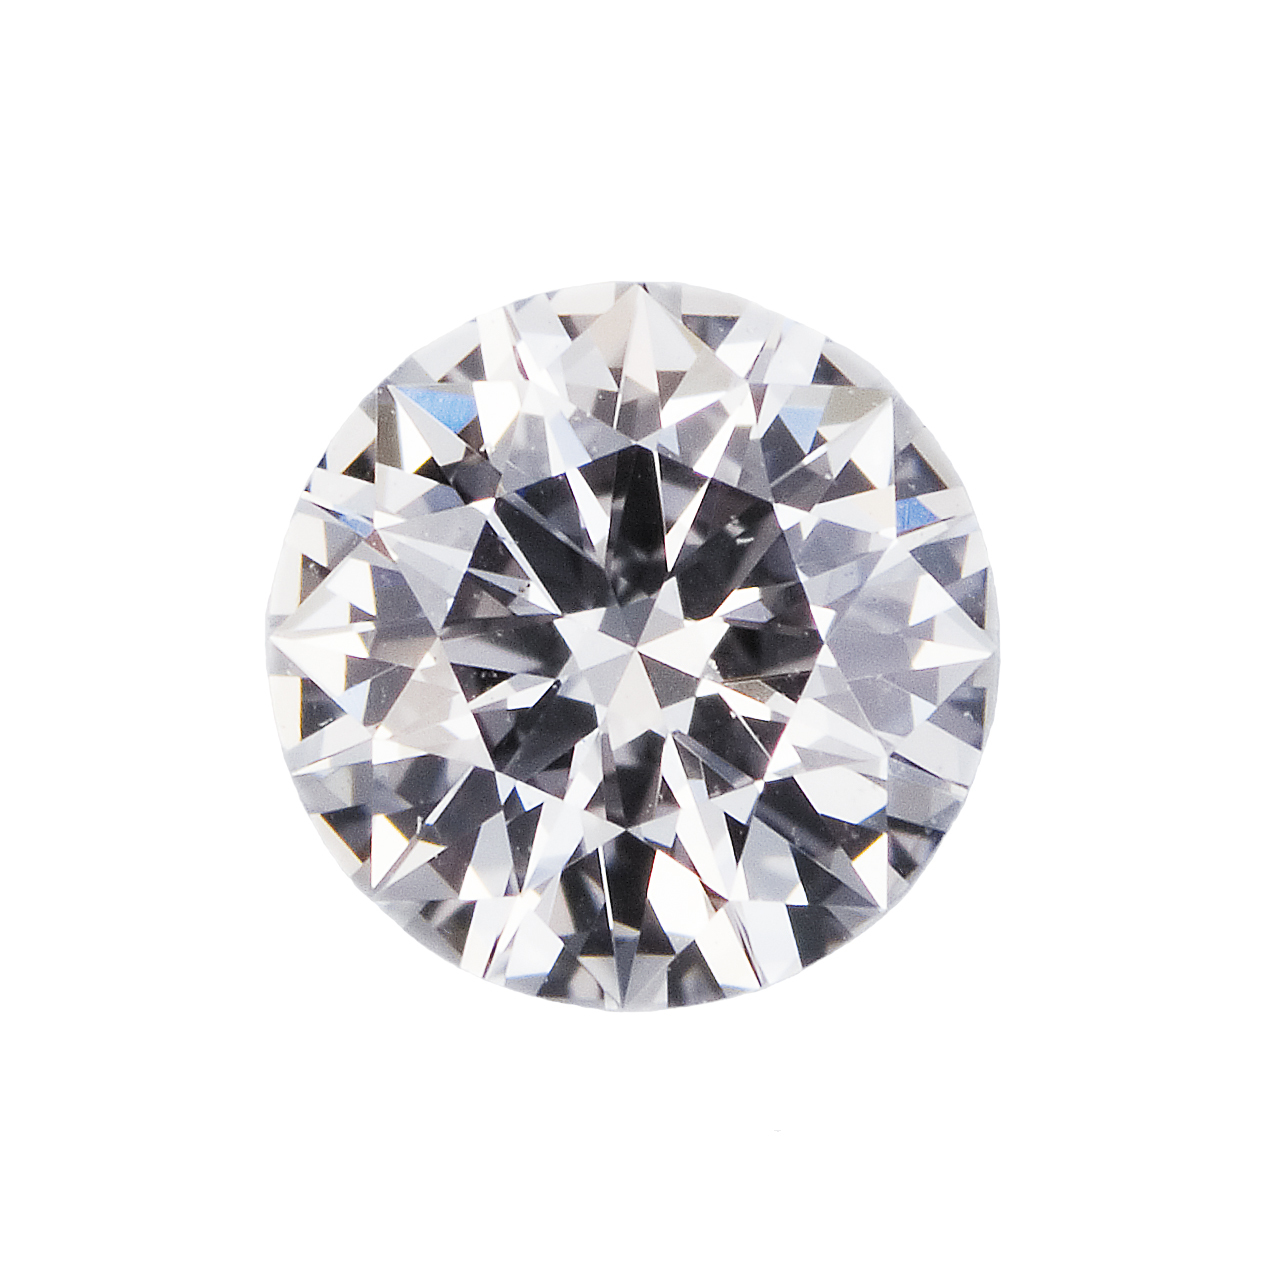 ウィリアム・レニーダイヤモンド多数追加♪